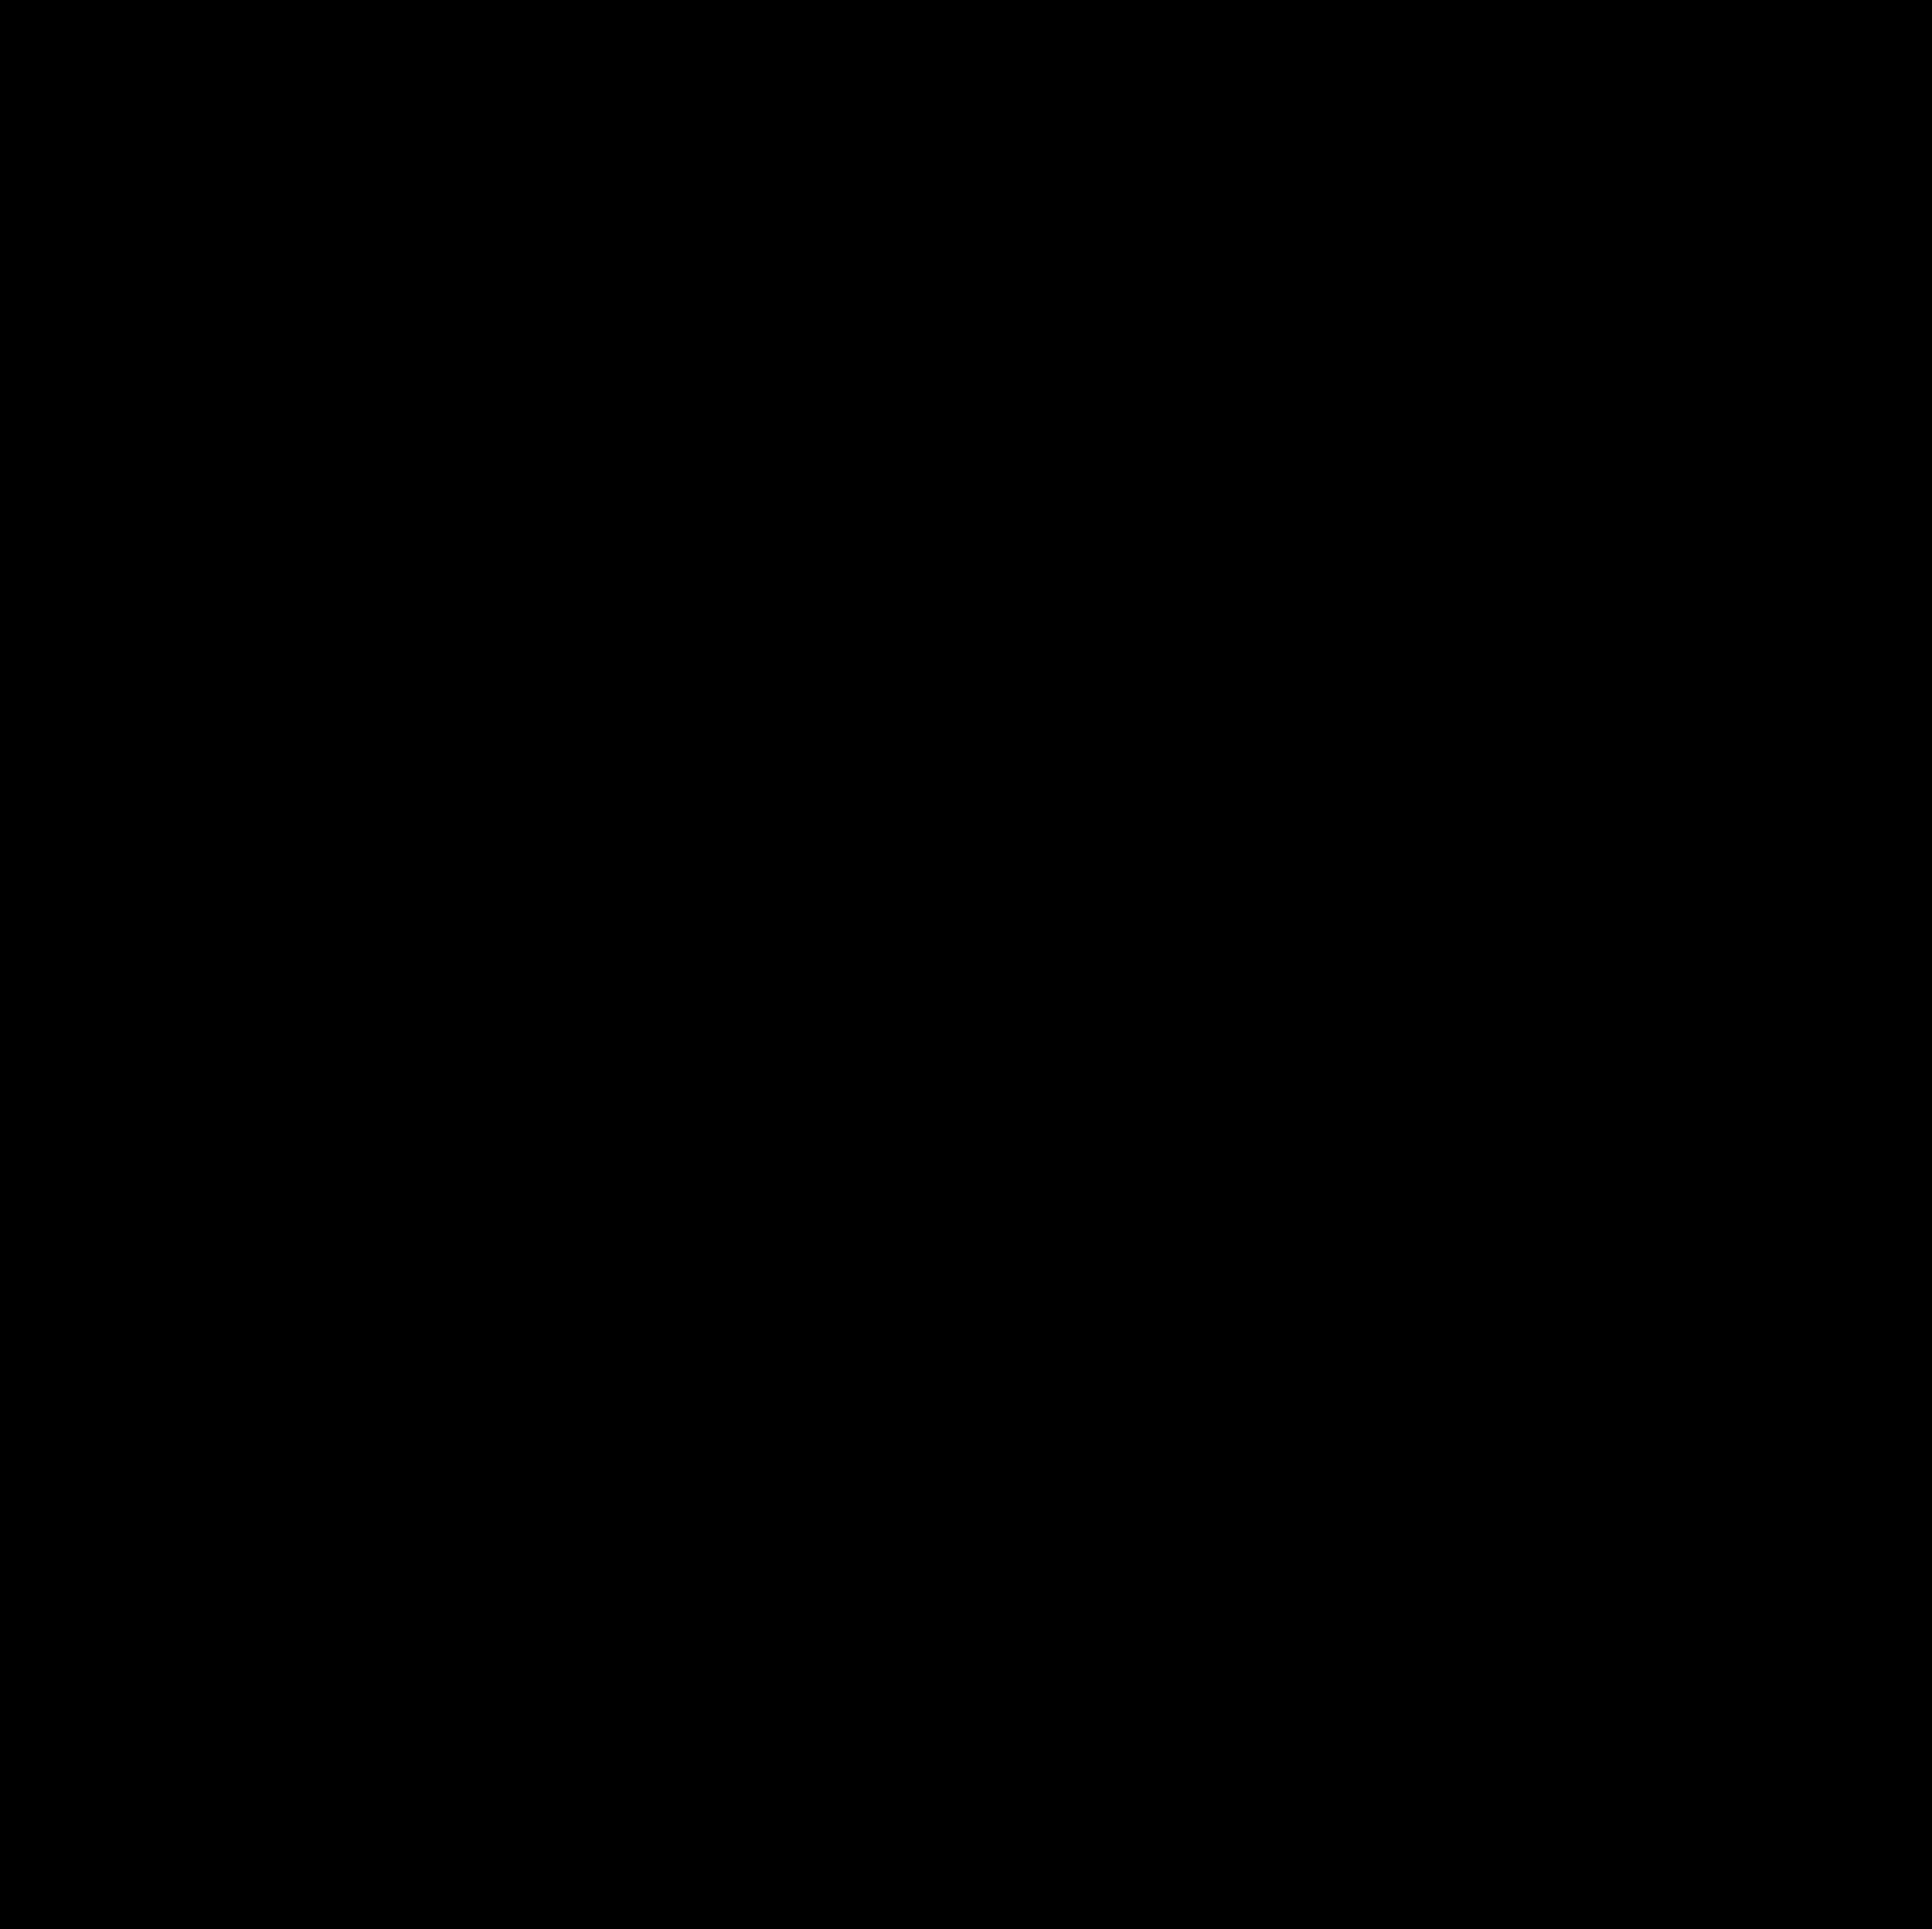 logograyscalesecondaryrgb.png